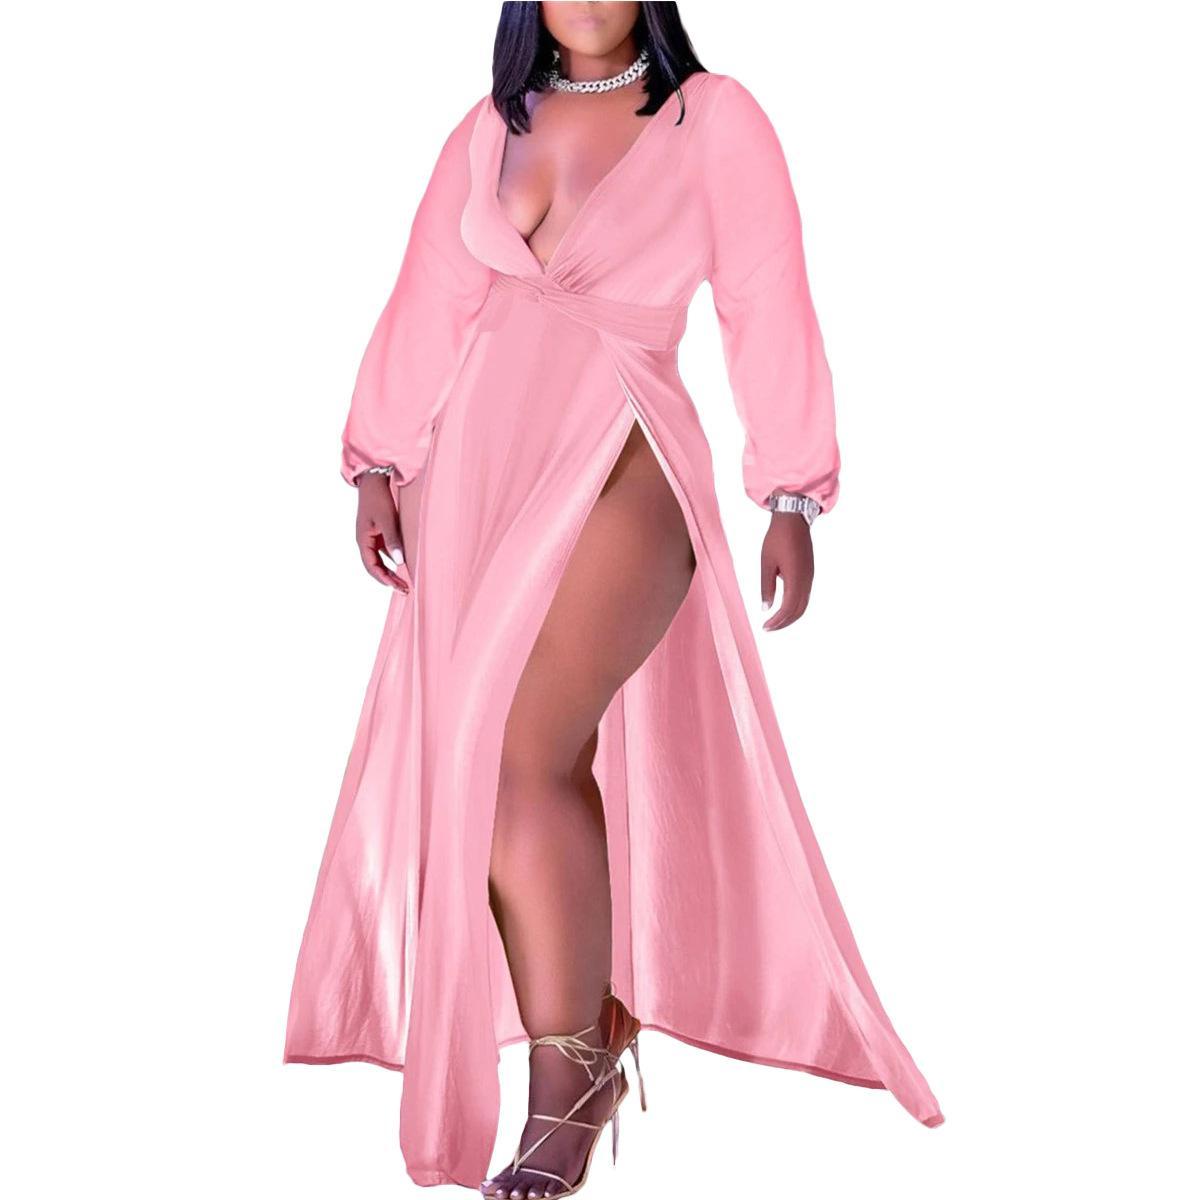 Dress da collo a V a maniche lunghe sexy Donne rosse Blu rosa Split elegante Plus Size 4xl 5xl Abiti Casual Party Chic Maxi Vestido